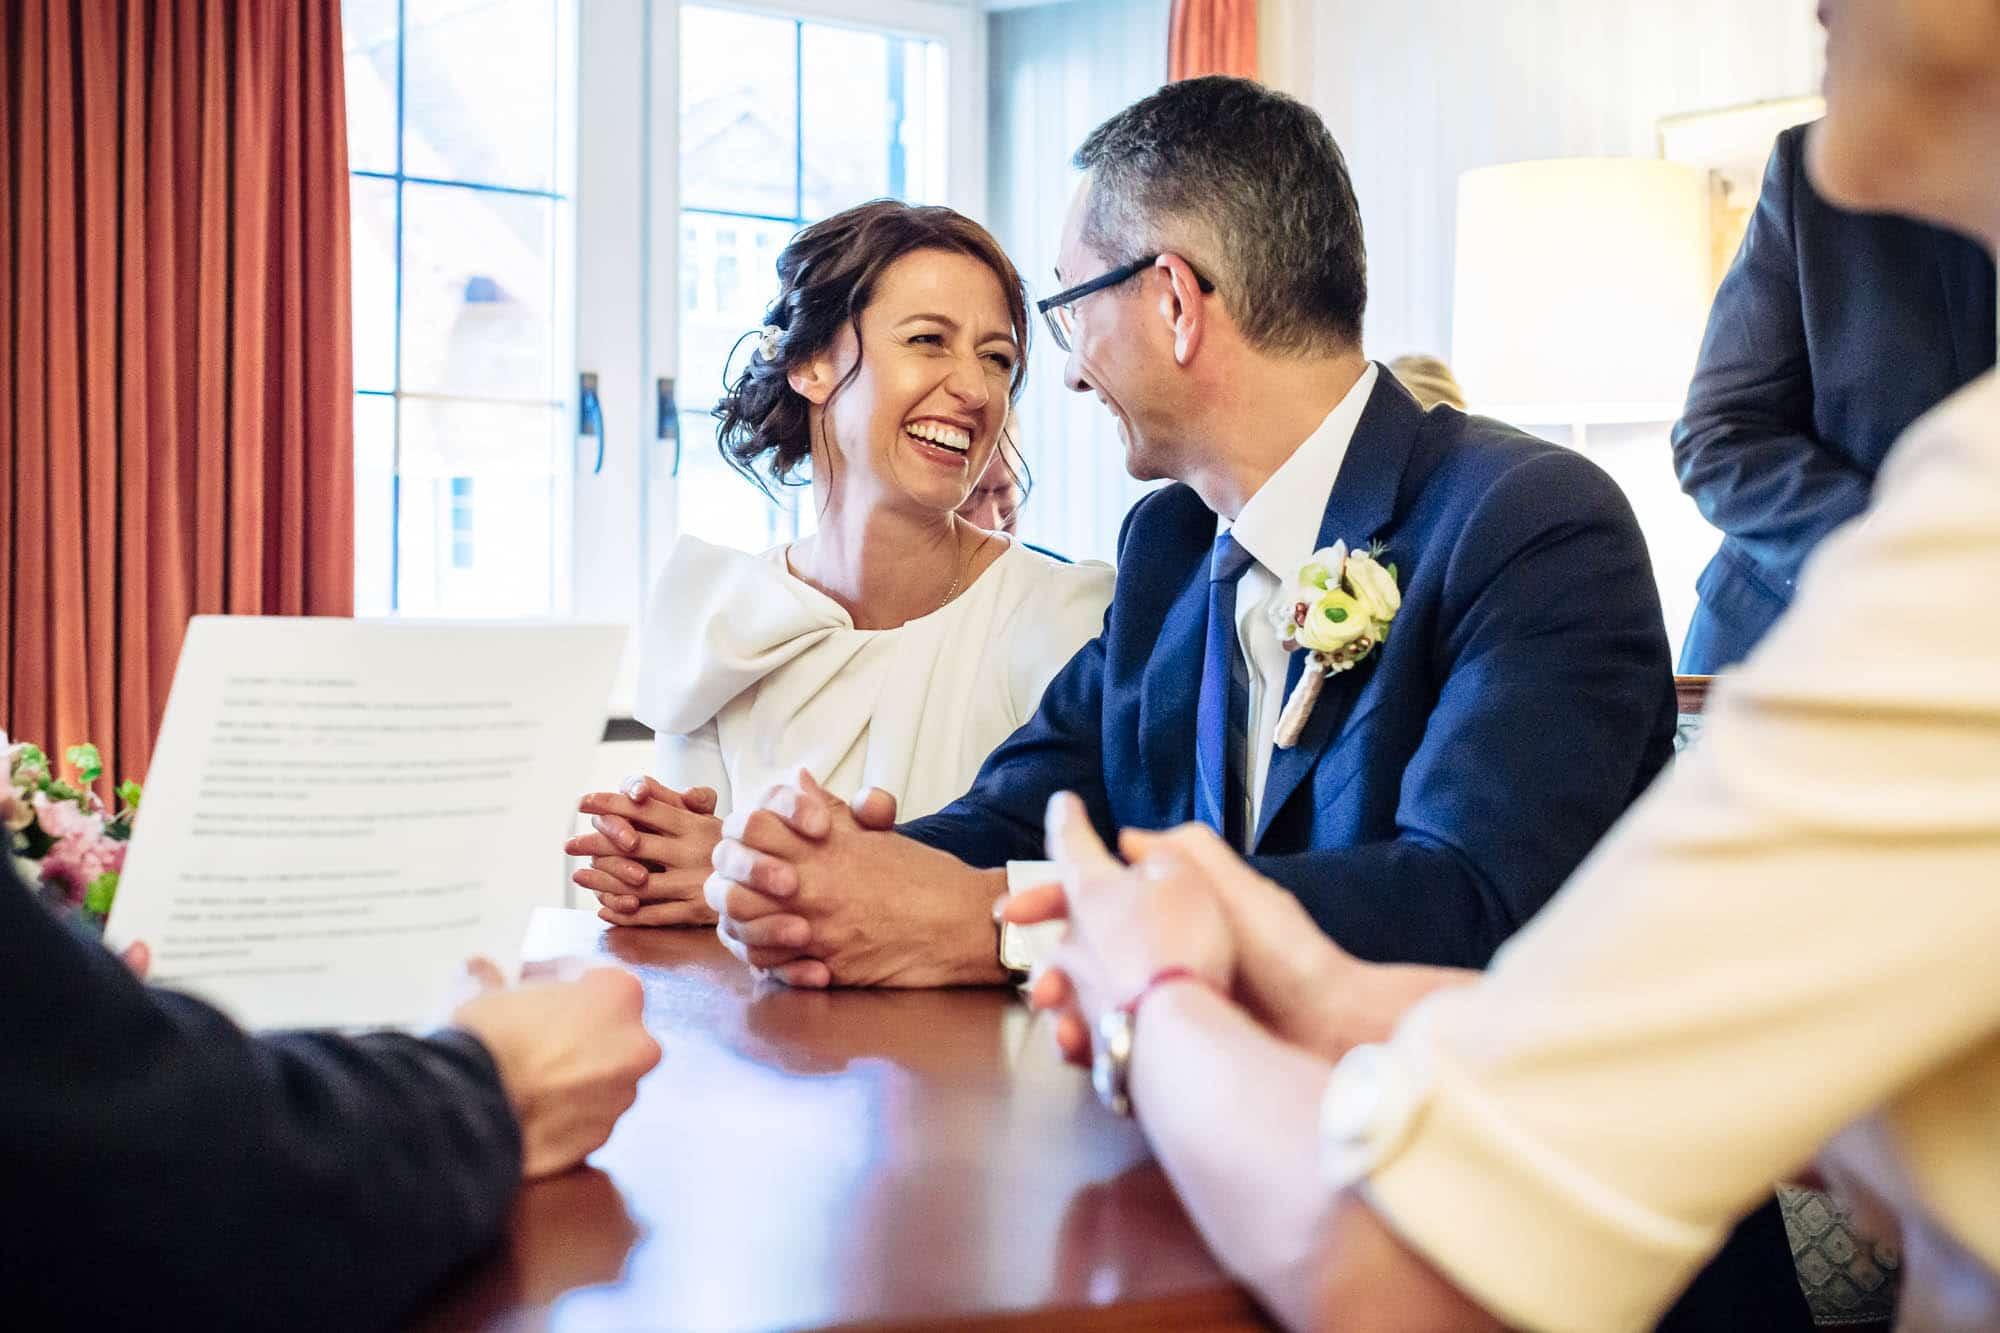 Brautpaar lacht herzhaft währen Zivilhochzeit